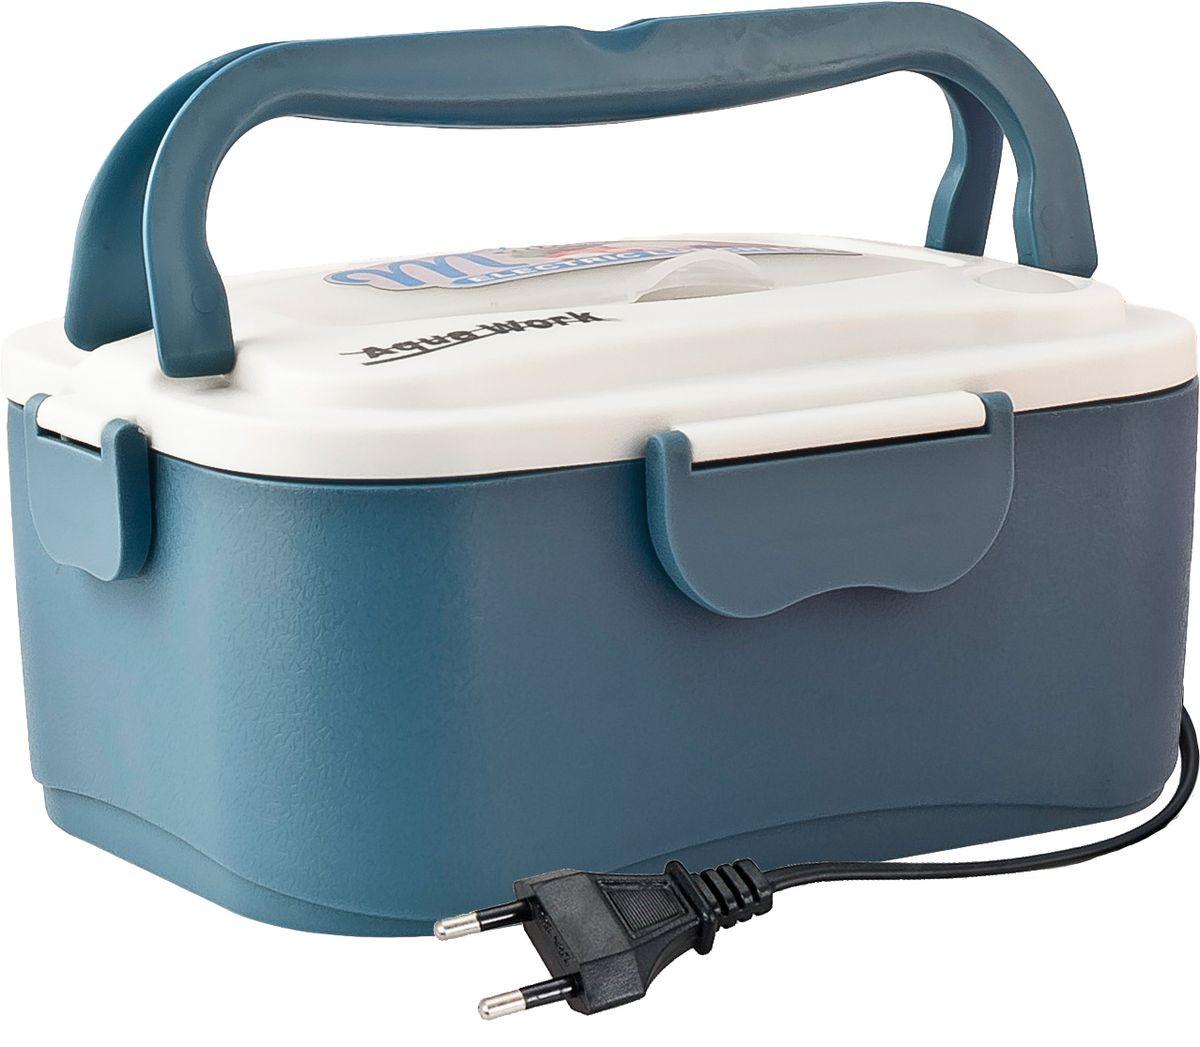 Aqua Work С5, Blue ланчбокс с подогревом 220В - Подогреватели посуды